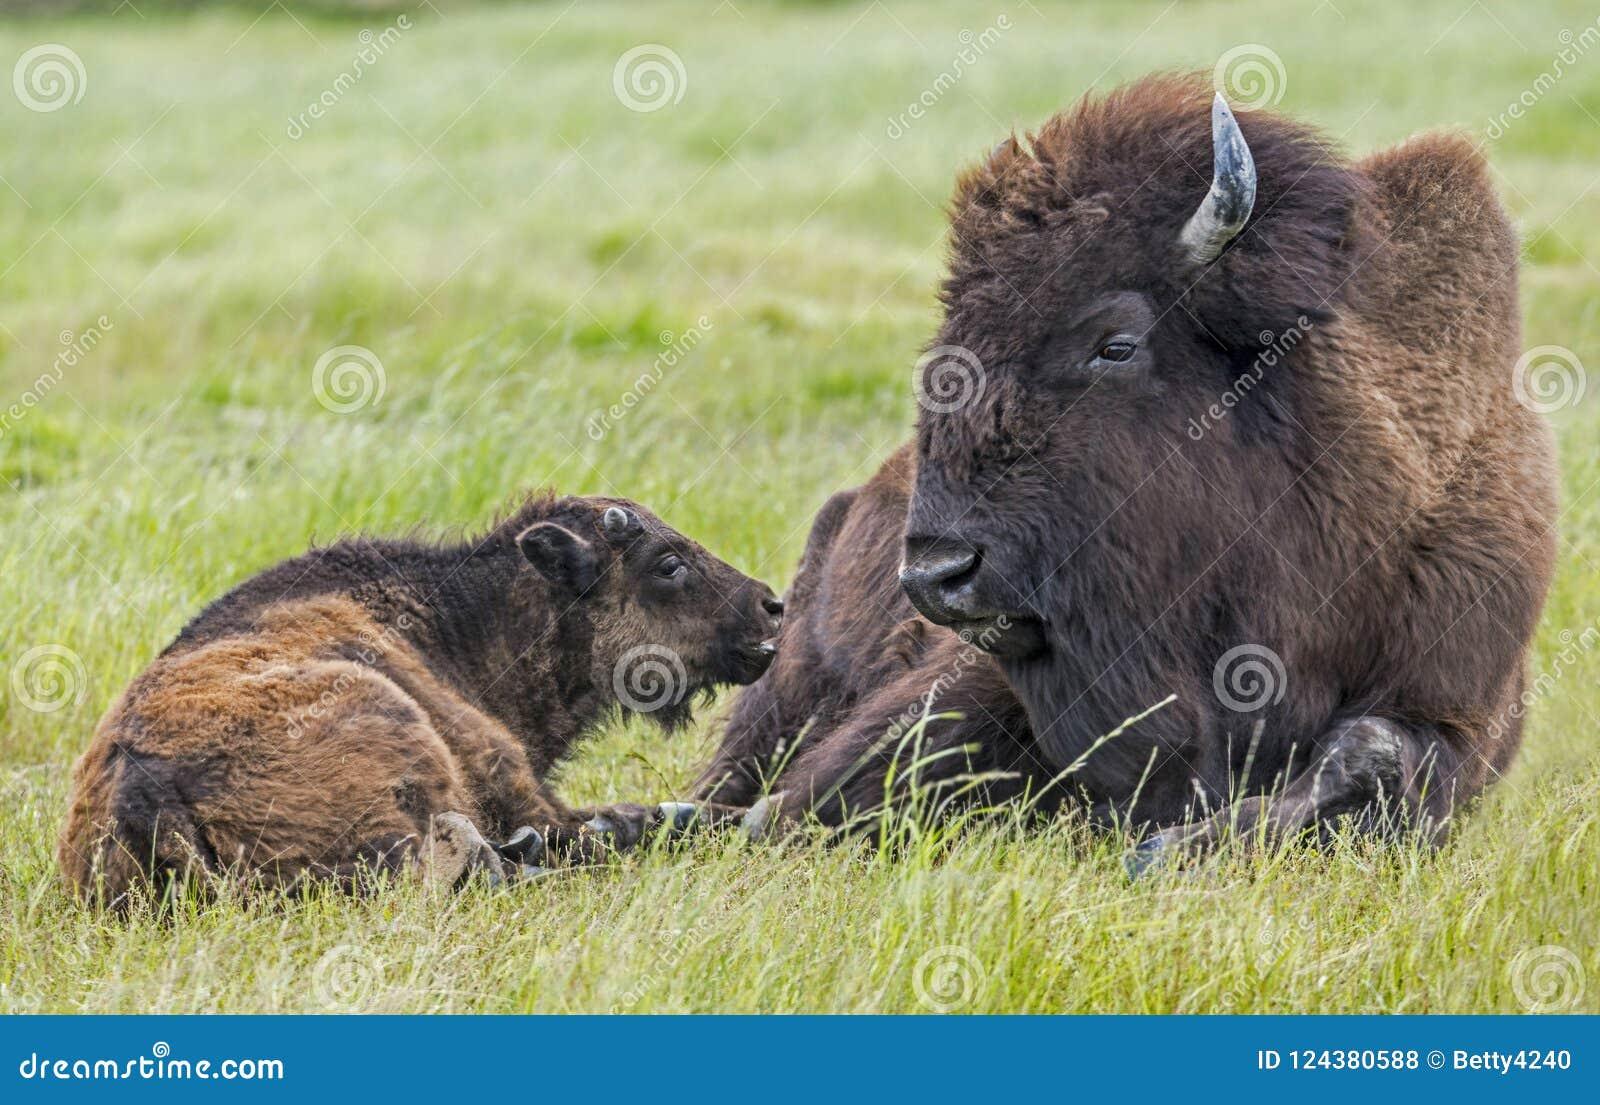 Le veau de bison essaye de communiquer avec son parent